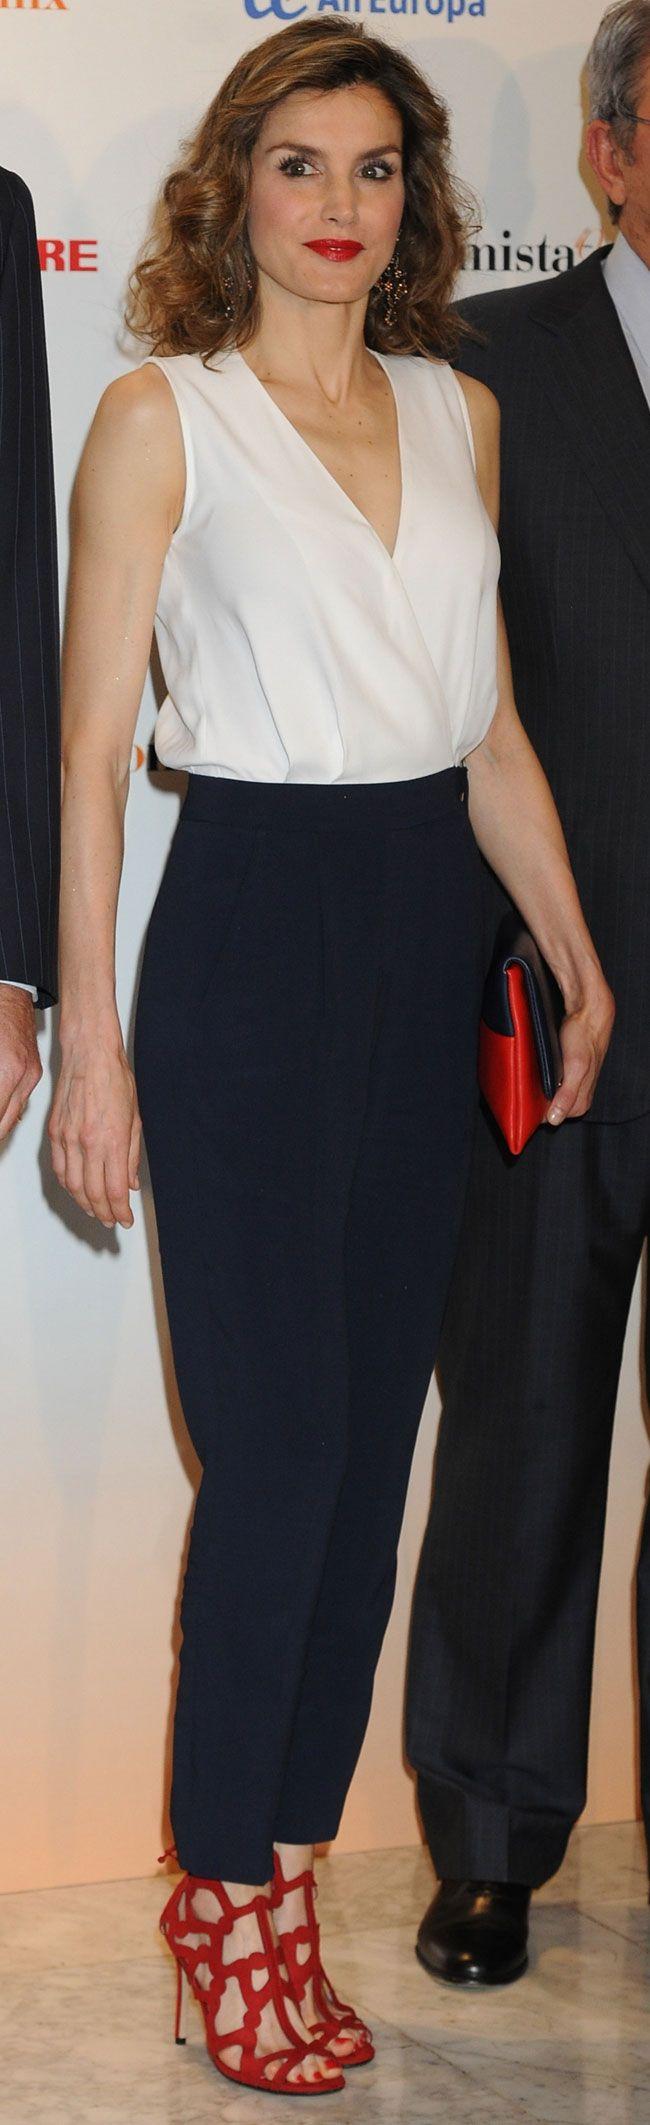 La reina Letizia con un pantalón azul marino de tiro alto junto al top de líneas puras con un sugerente escote a pico resultan perfectos para la ocasión. Es el modelo Kasha de Boss. 08.06.2016